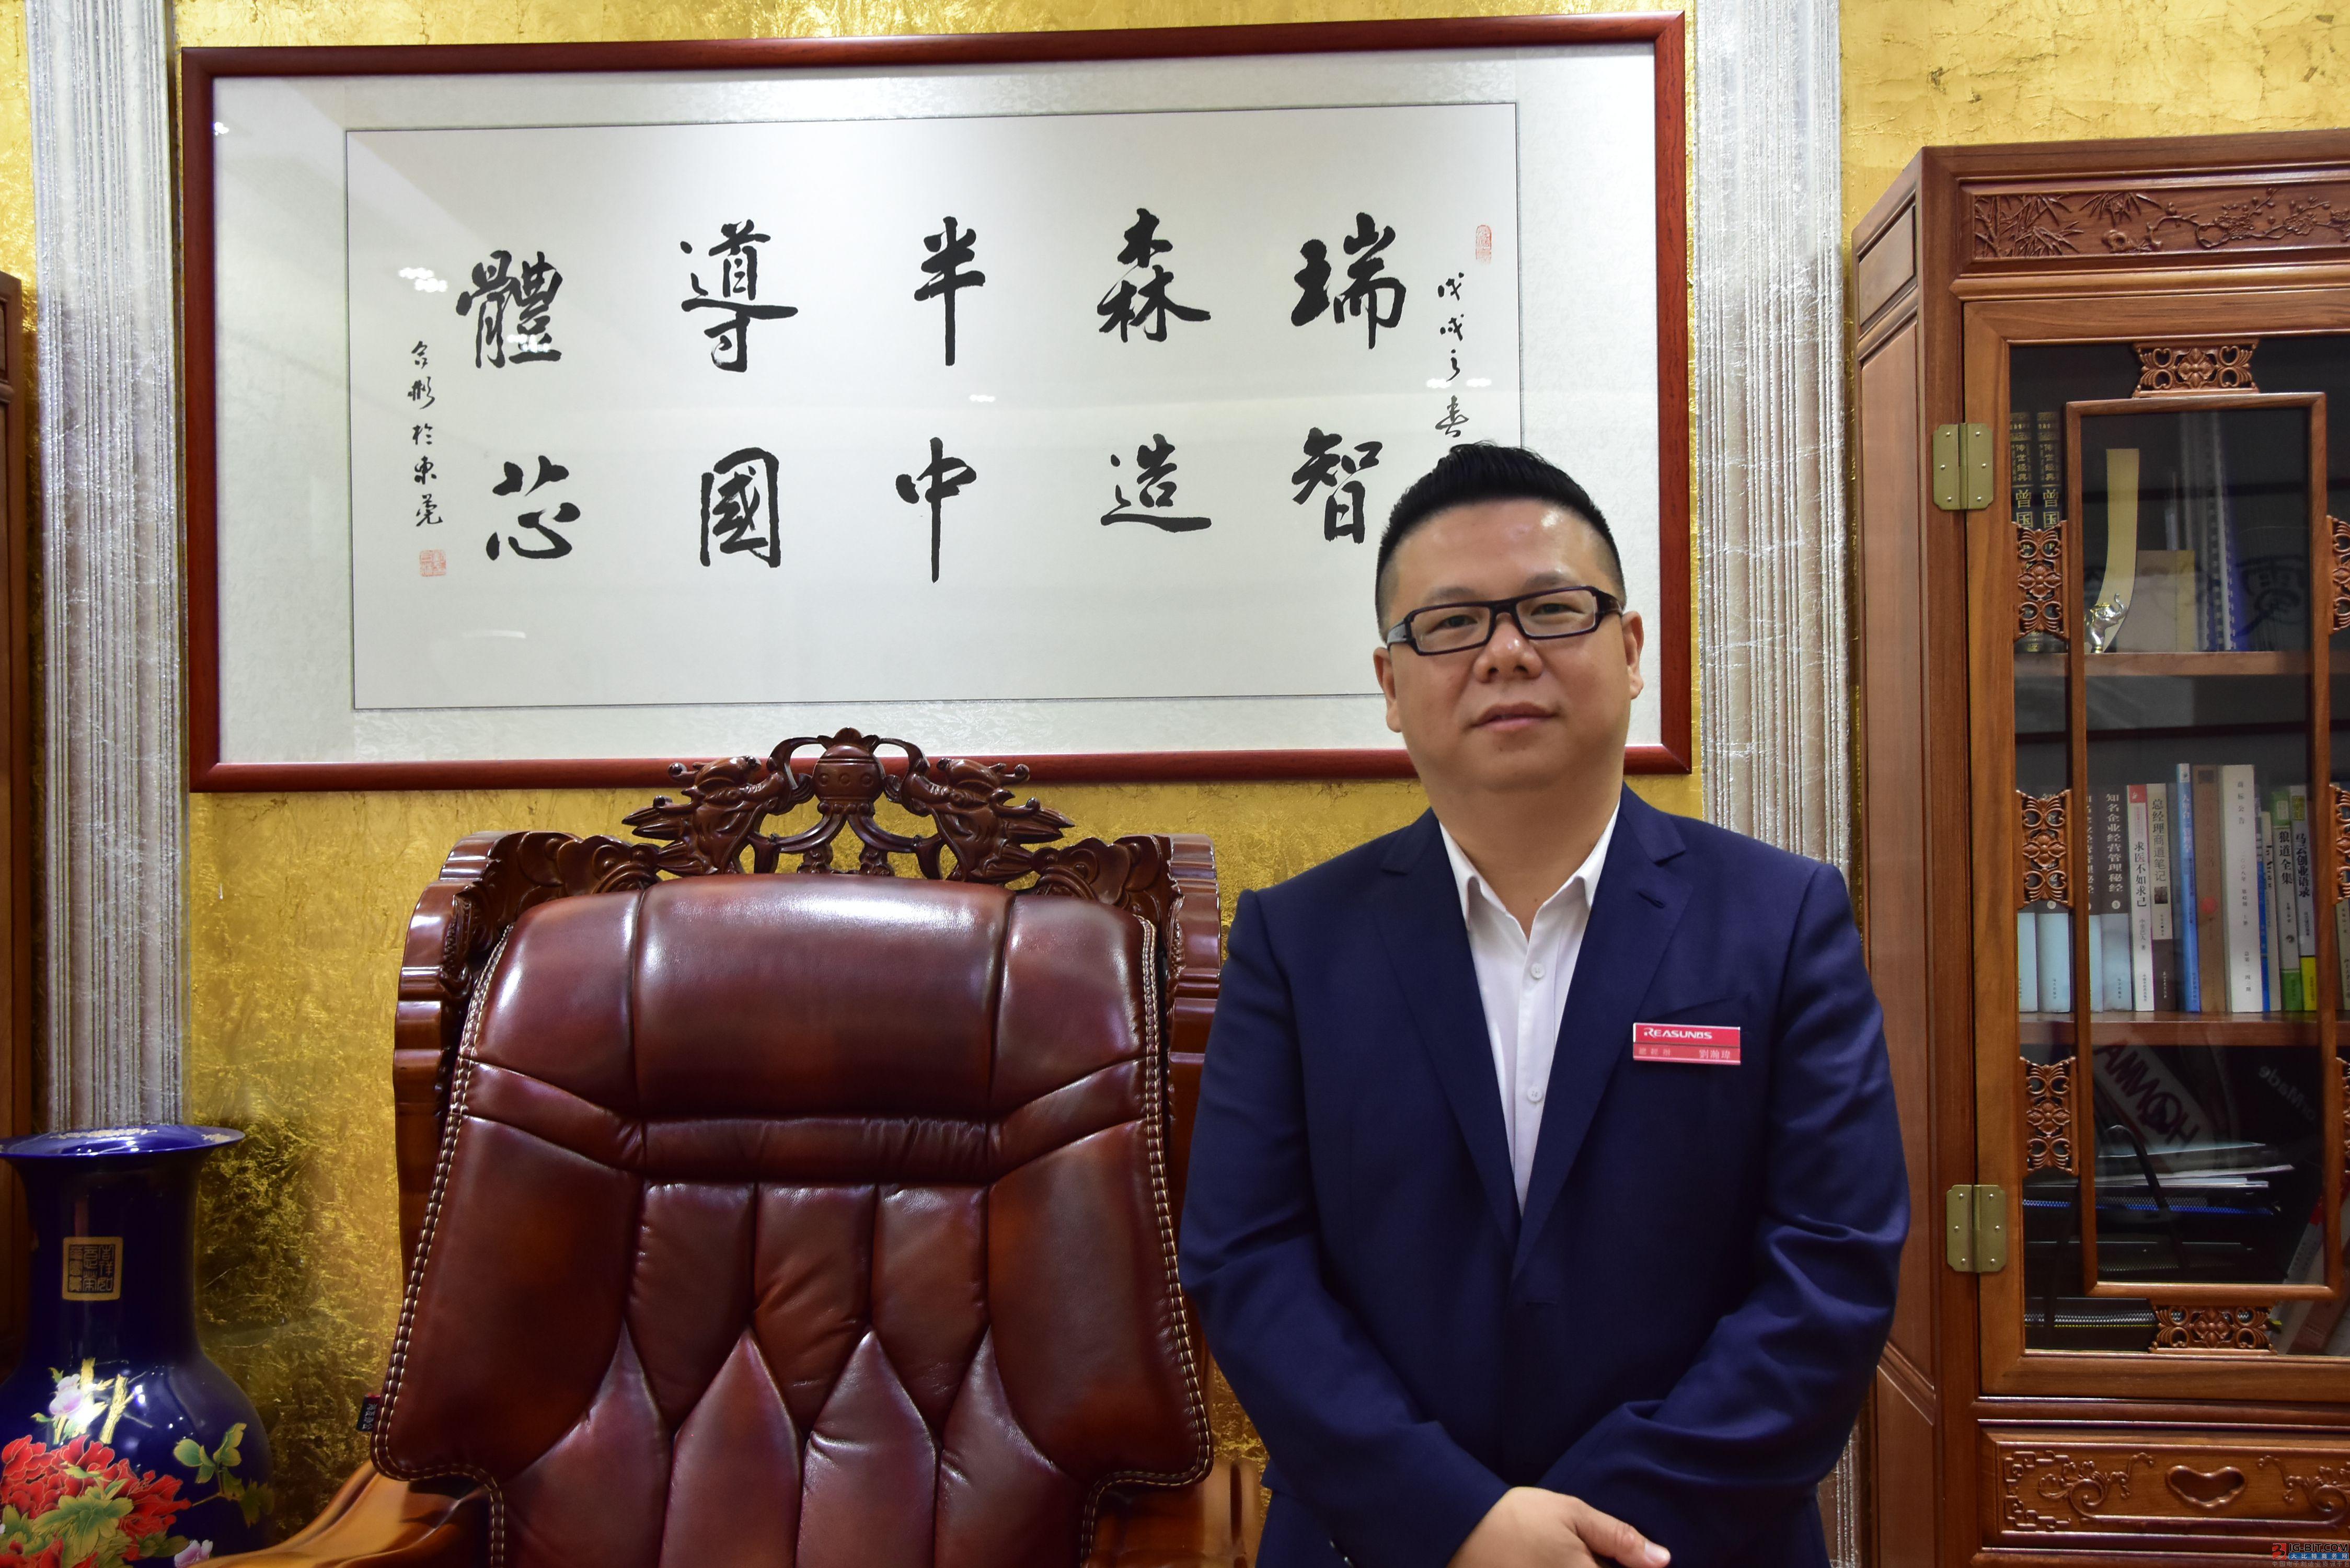 """瑞森CEO劉志強:創立半導體民族品牌 ,定義中國""""芯""""選擇"""